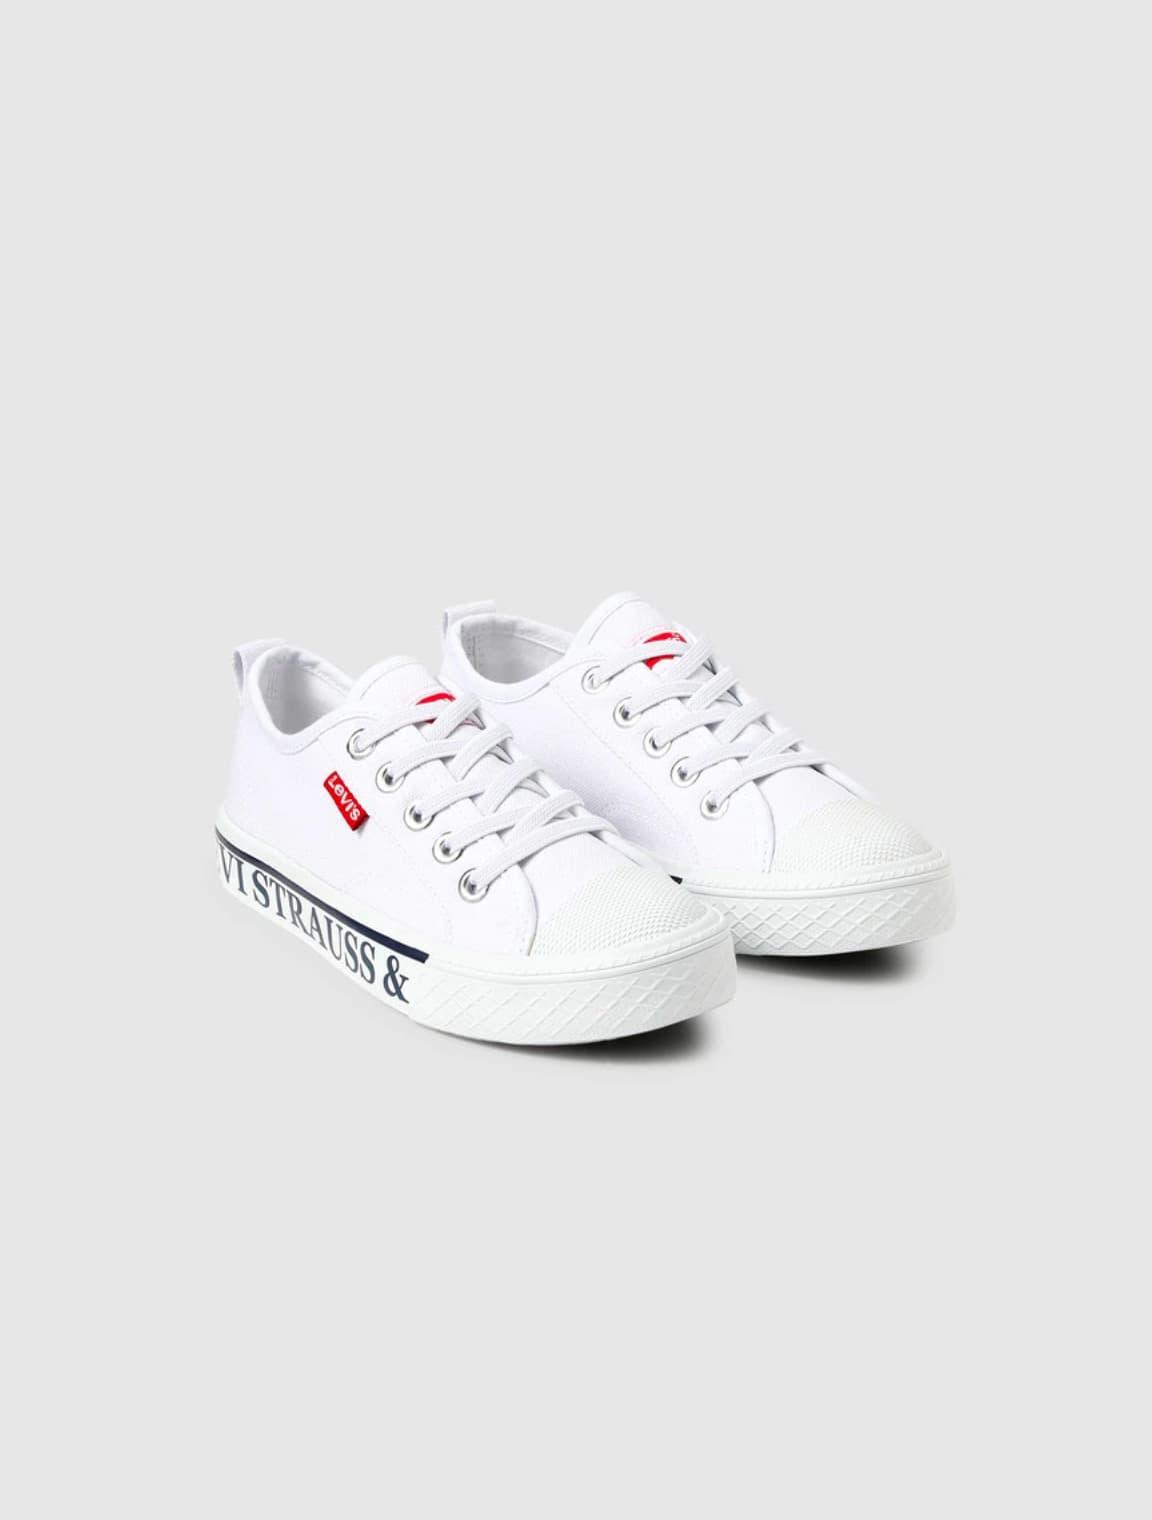 Zapatillas de lona de niño Levi's de color blanco con logotipo de la marca